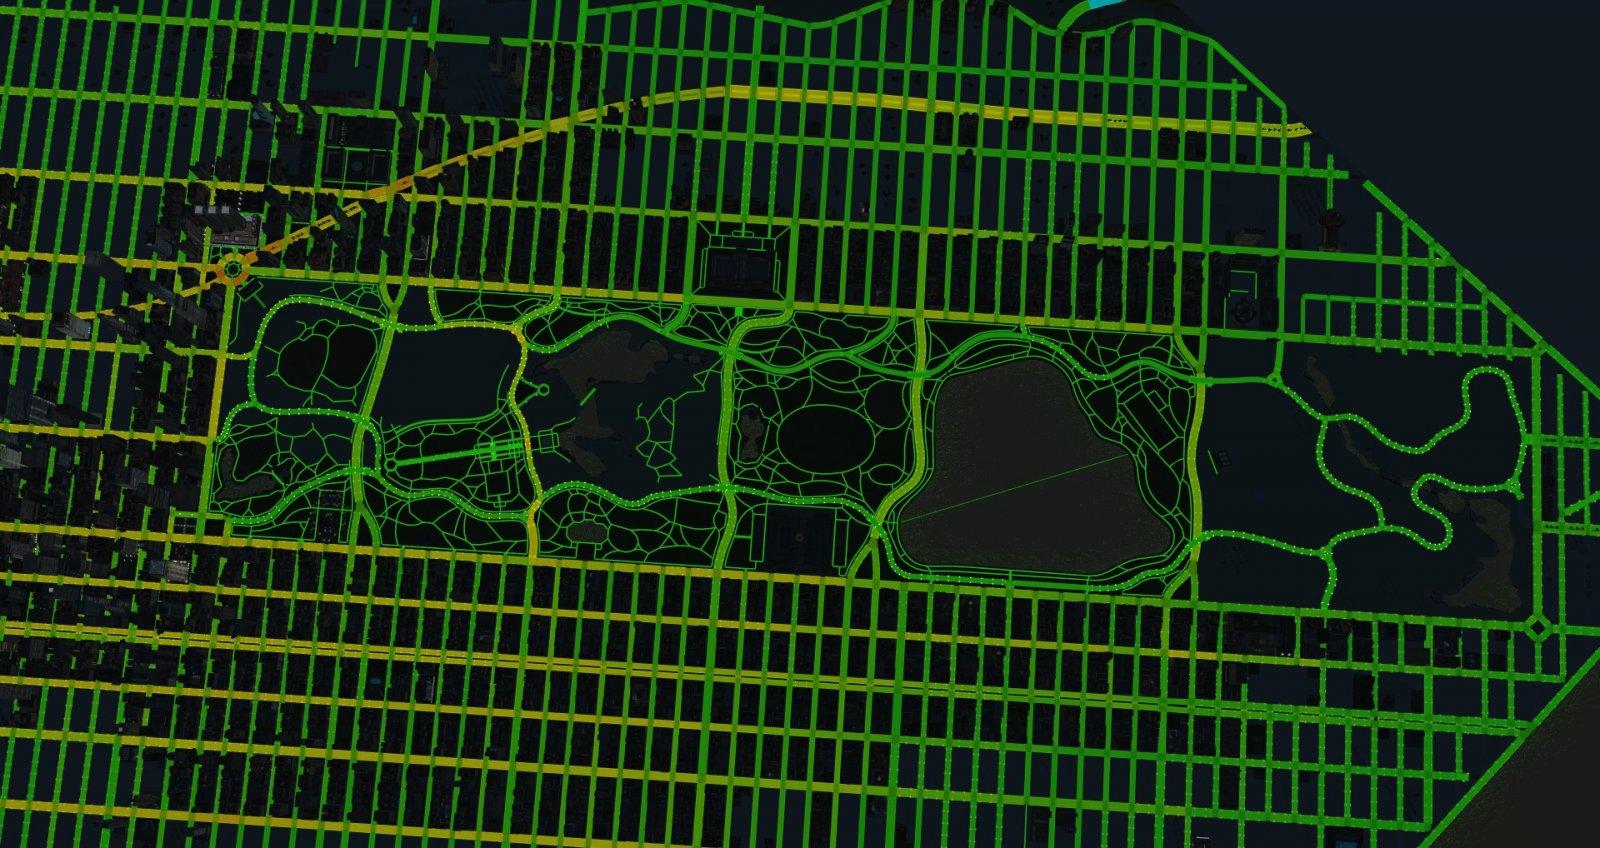 gamescreen0039.jpg